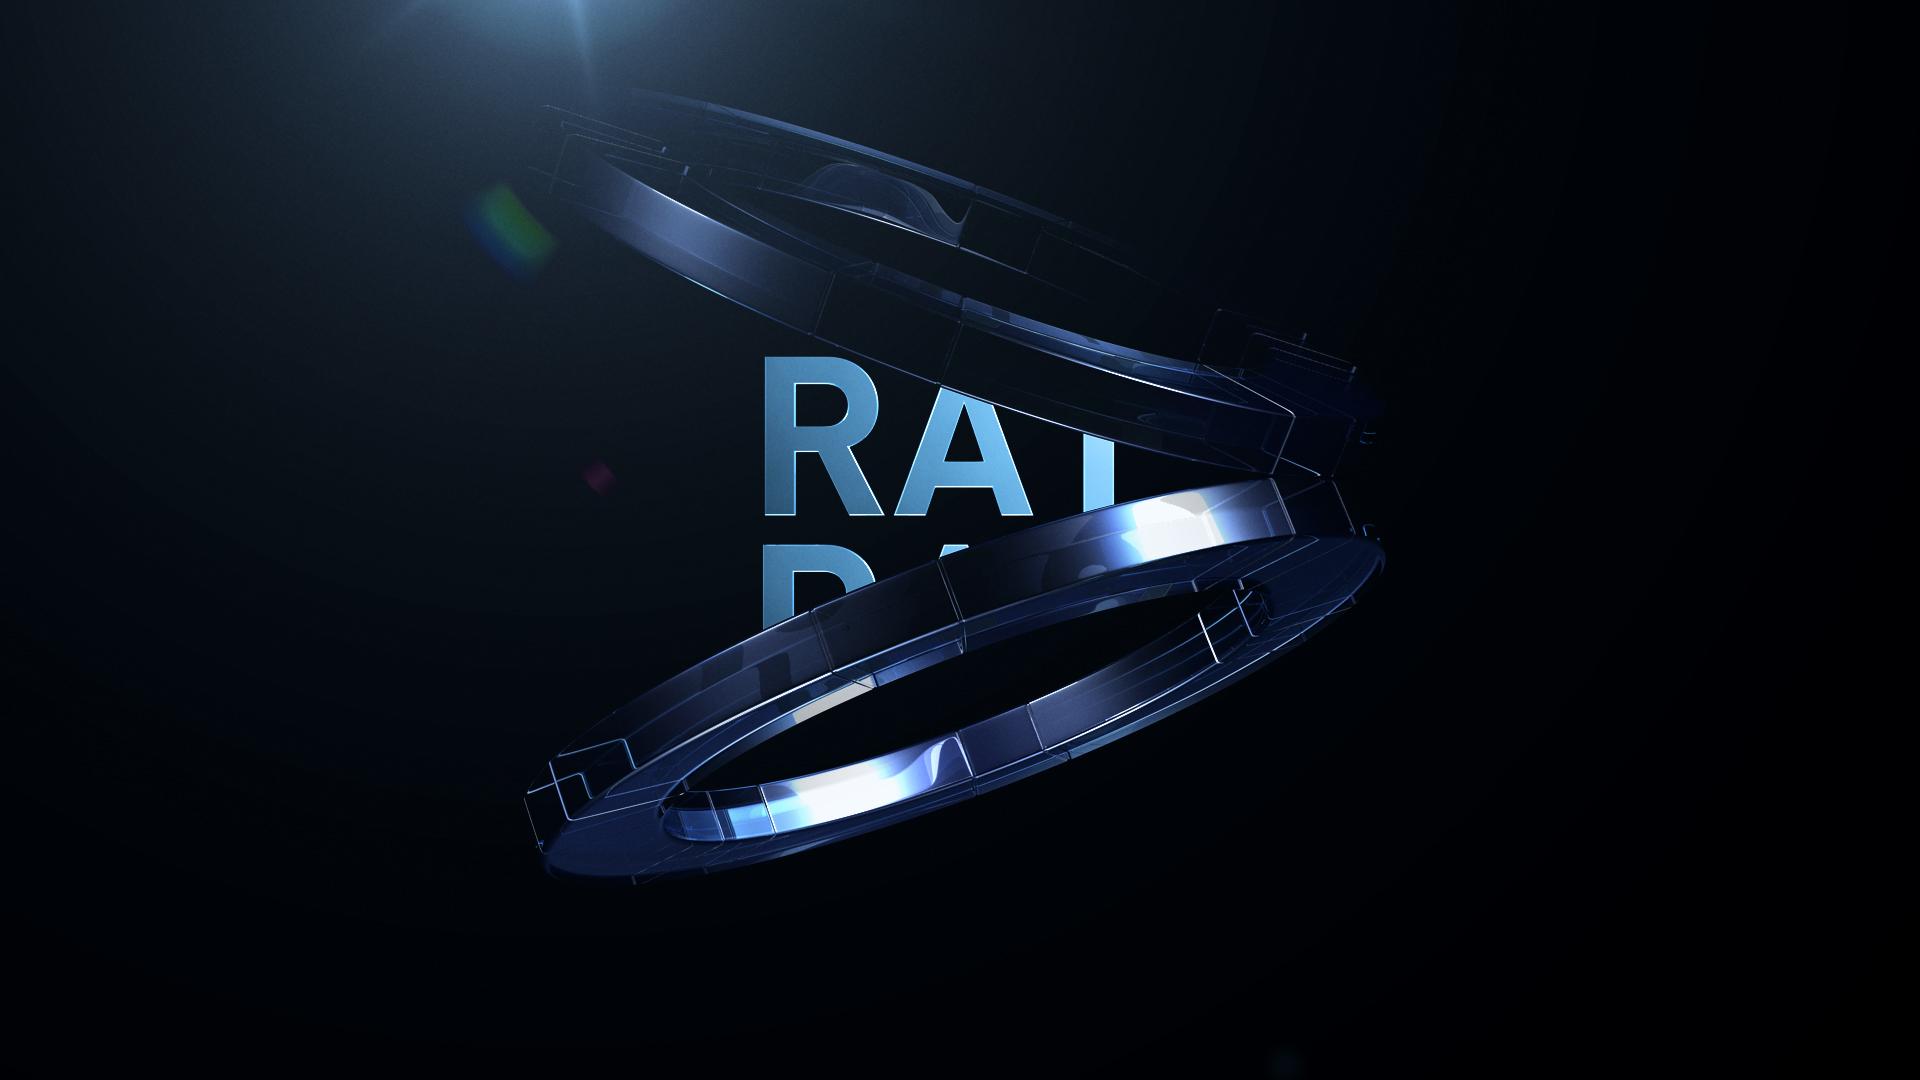 Ratpac_1_3